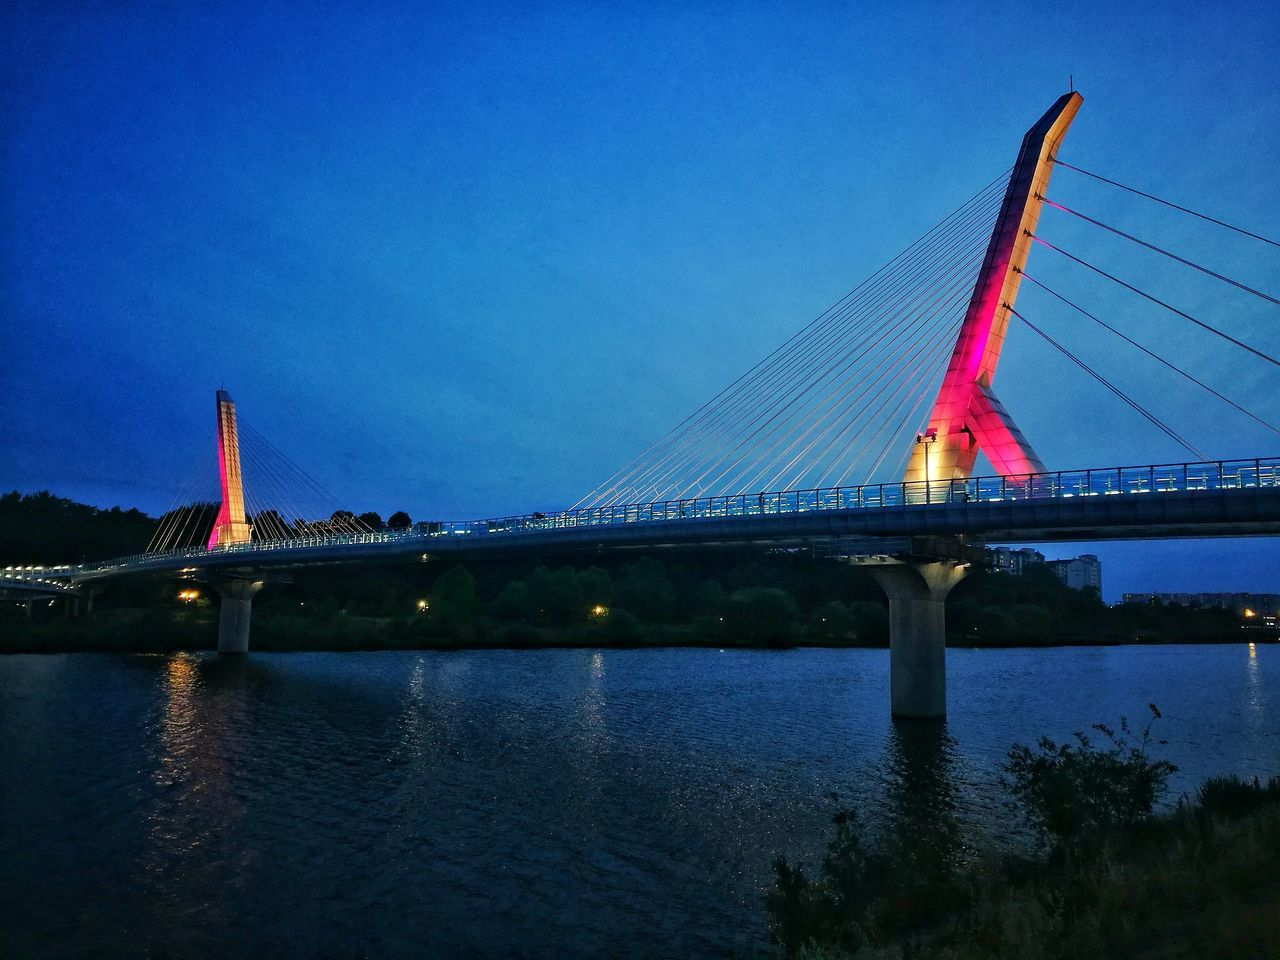 동촌 유원지 River Bridge - Man Made Structure